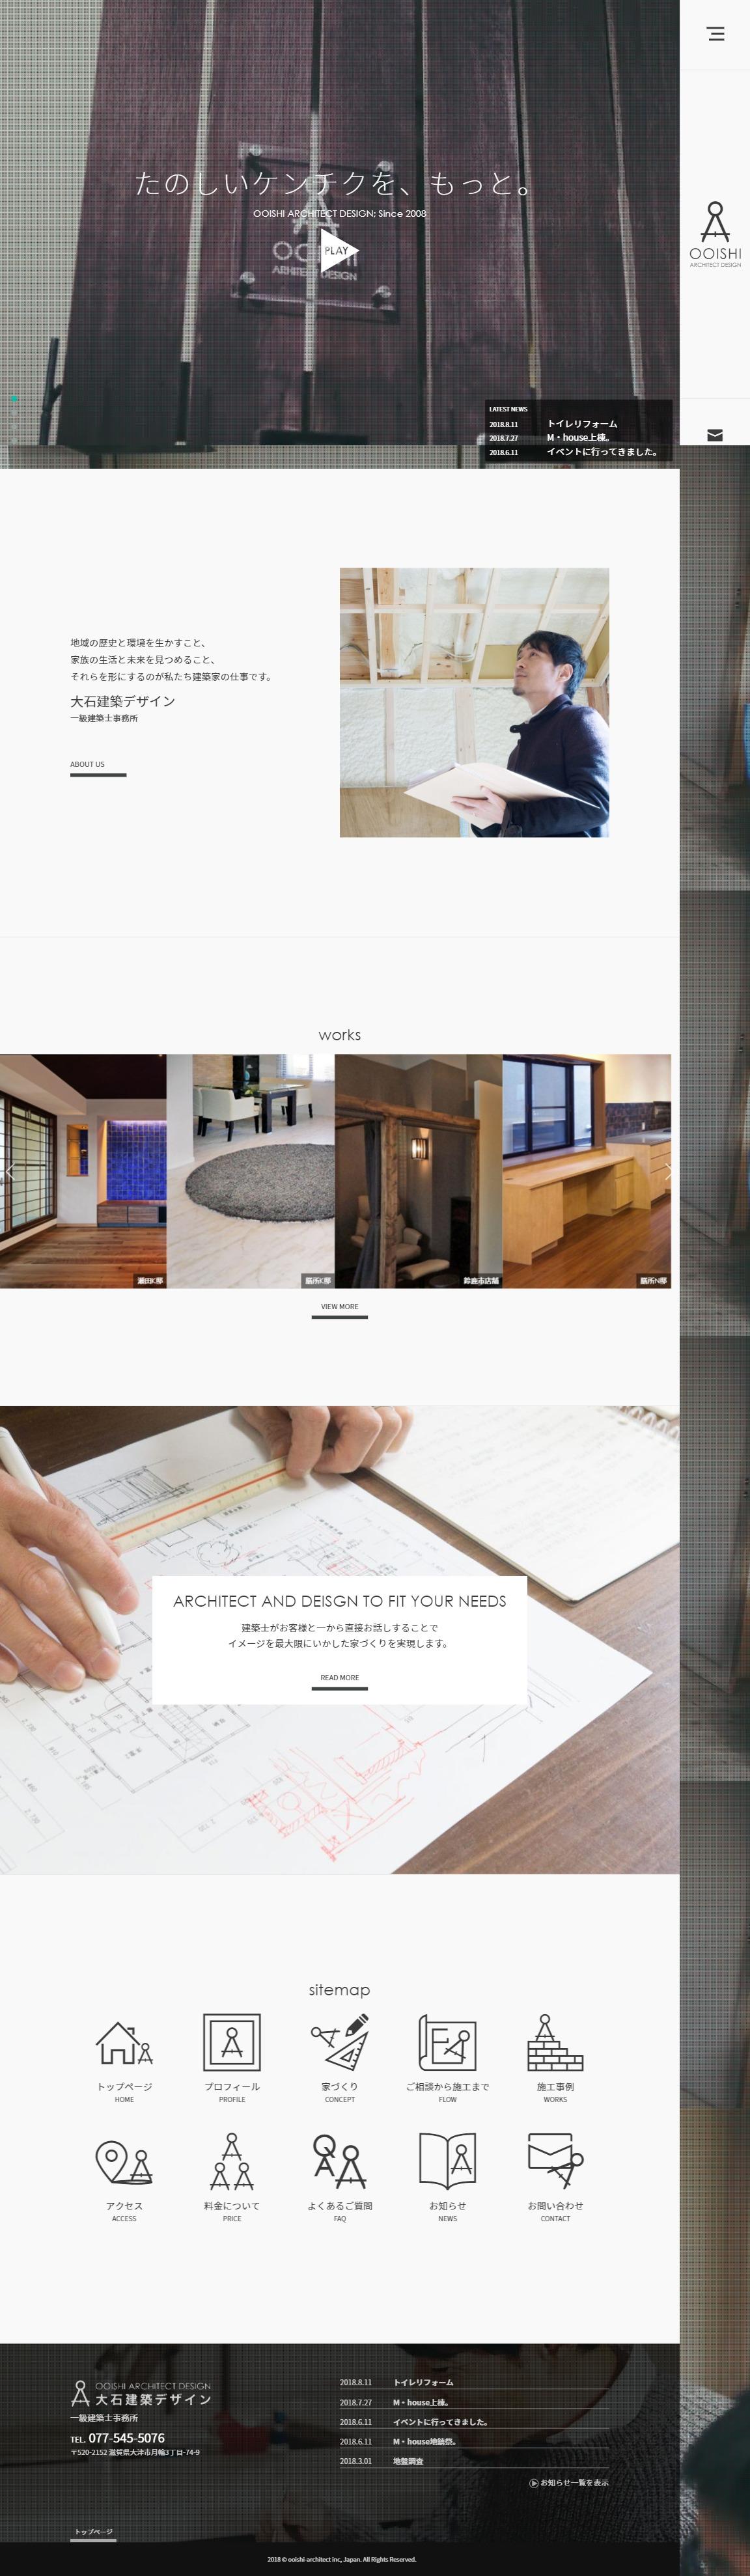 大石建築デザインPC版イメージ